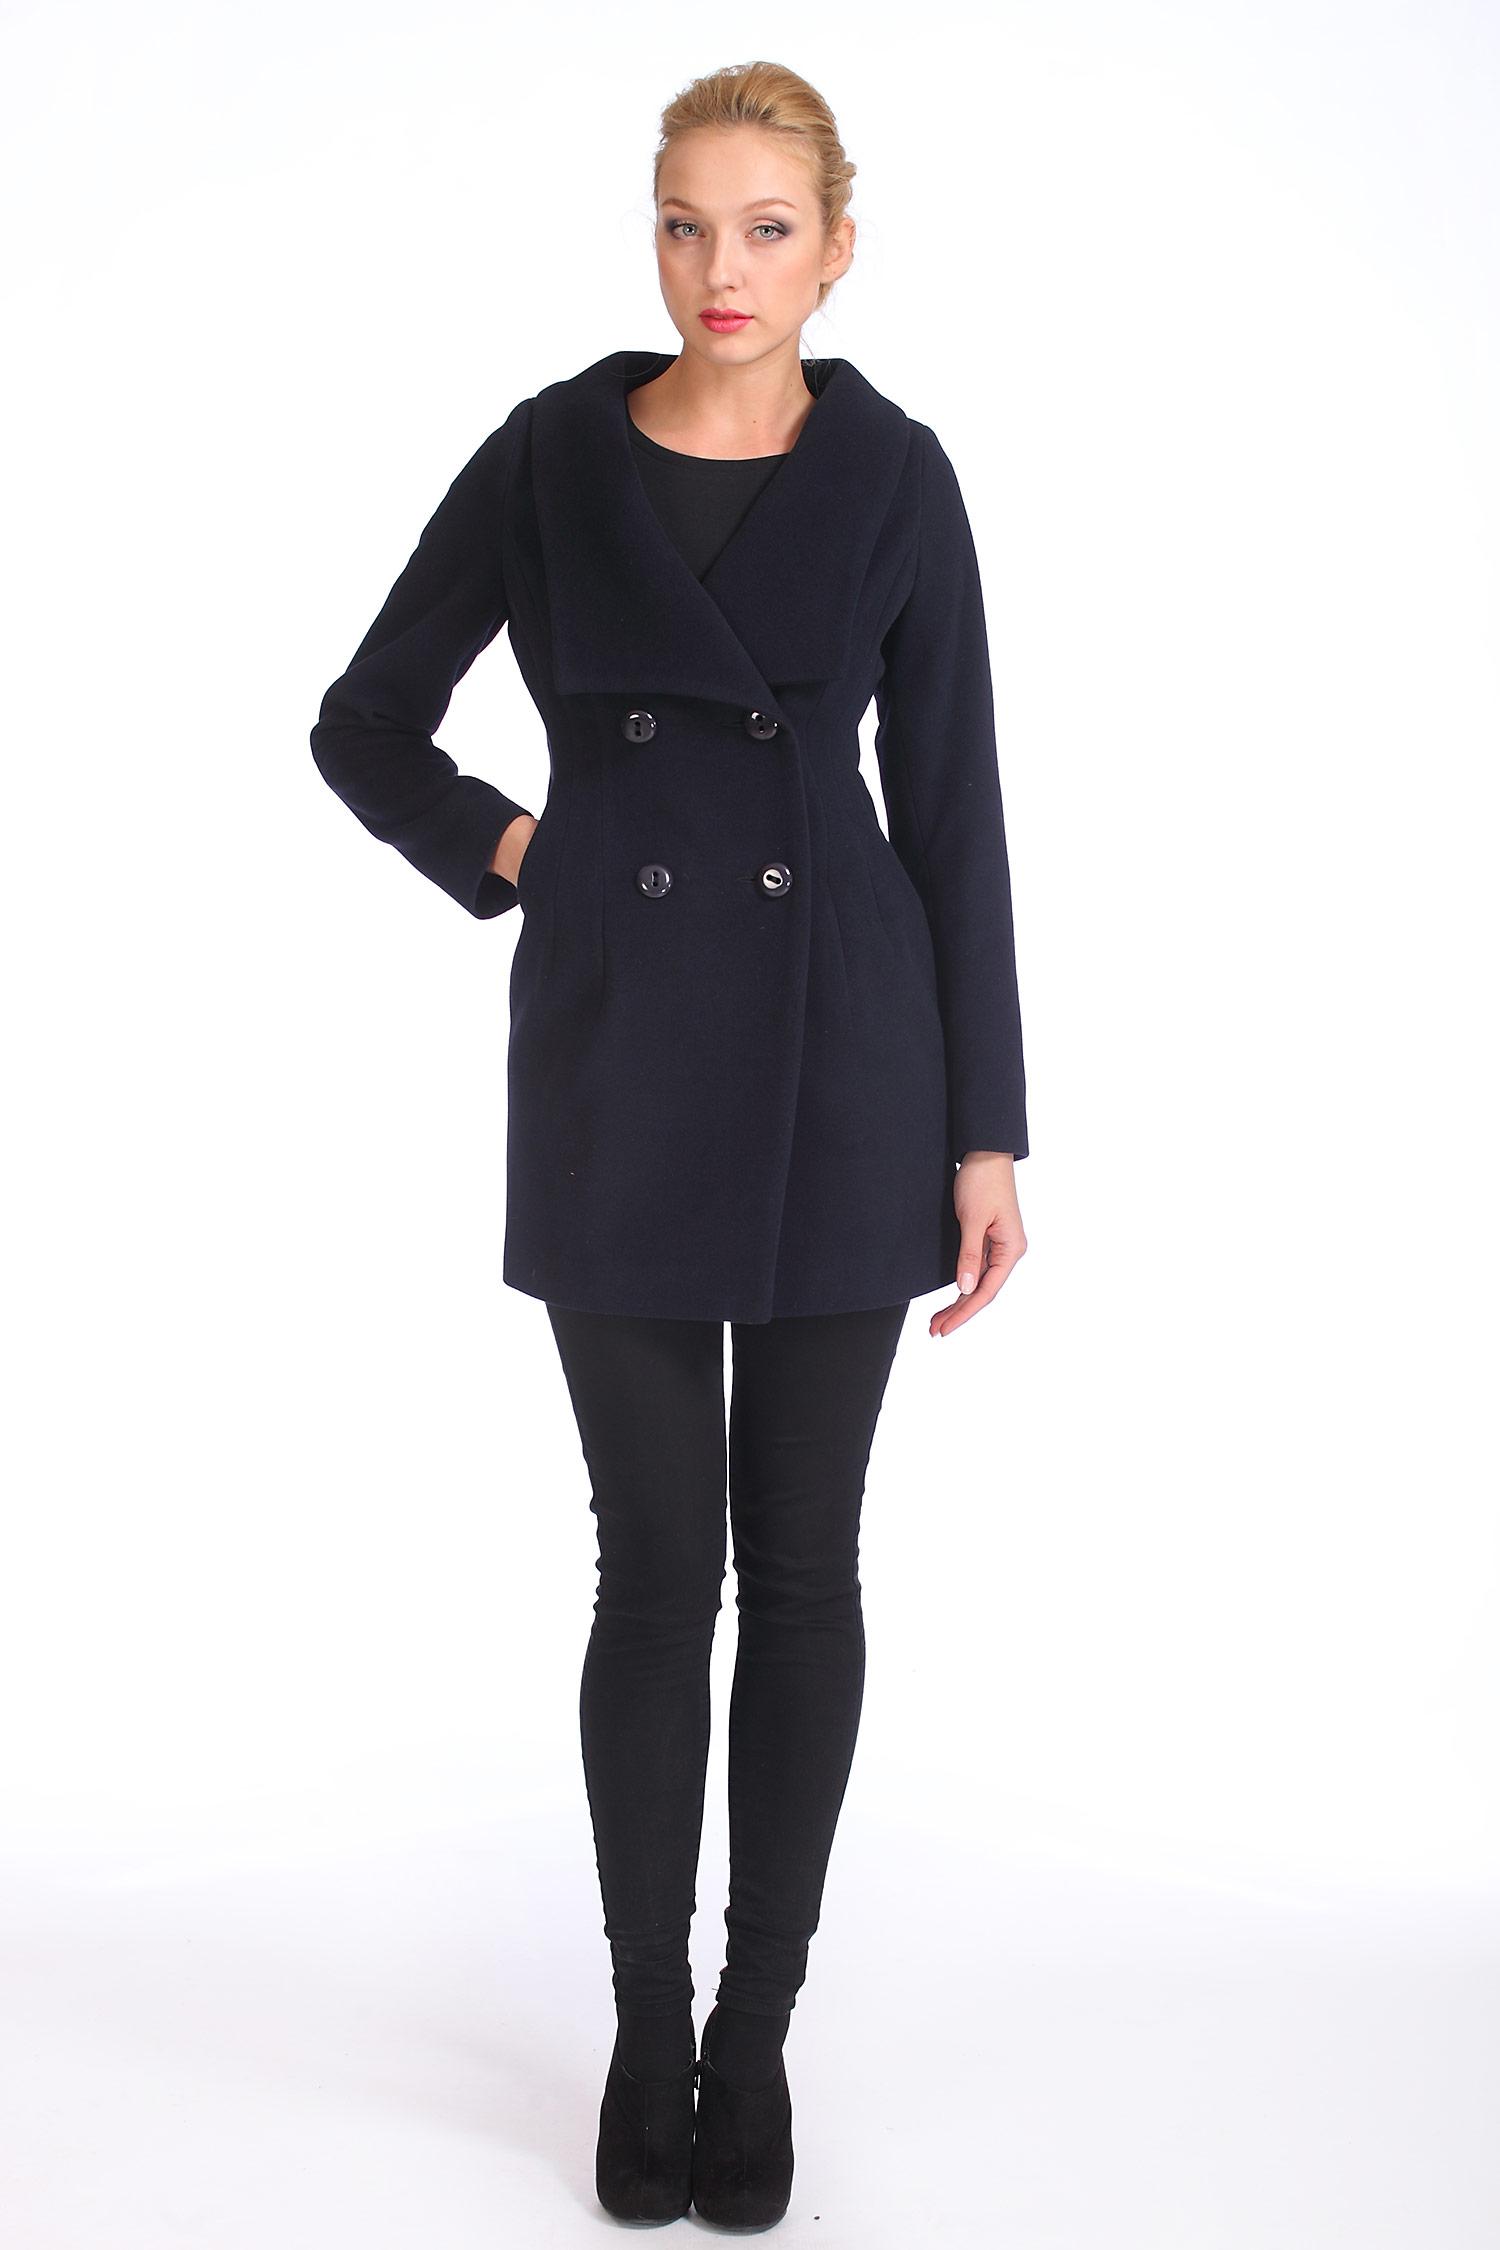 Фото 3 - Женское пальто из текстиля с воротником от МОСМЕХА синего цвета